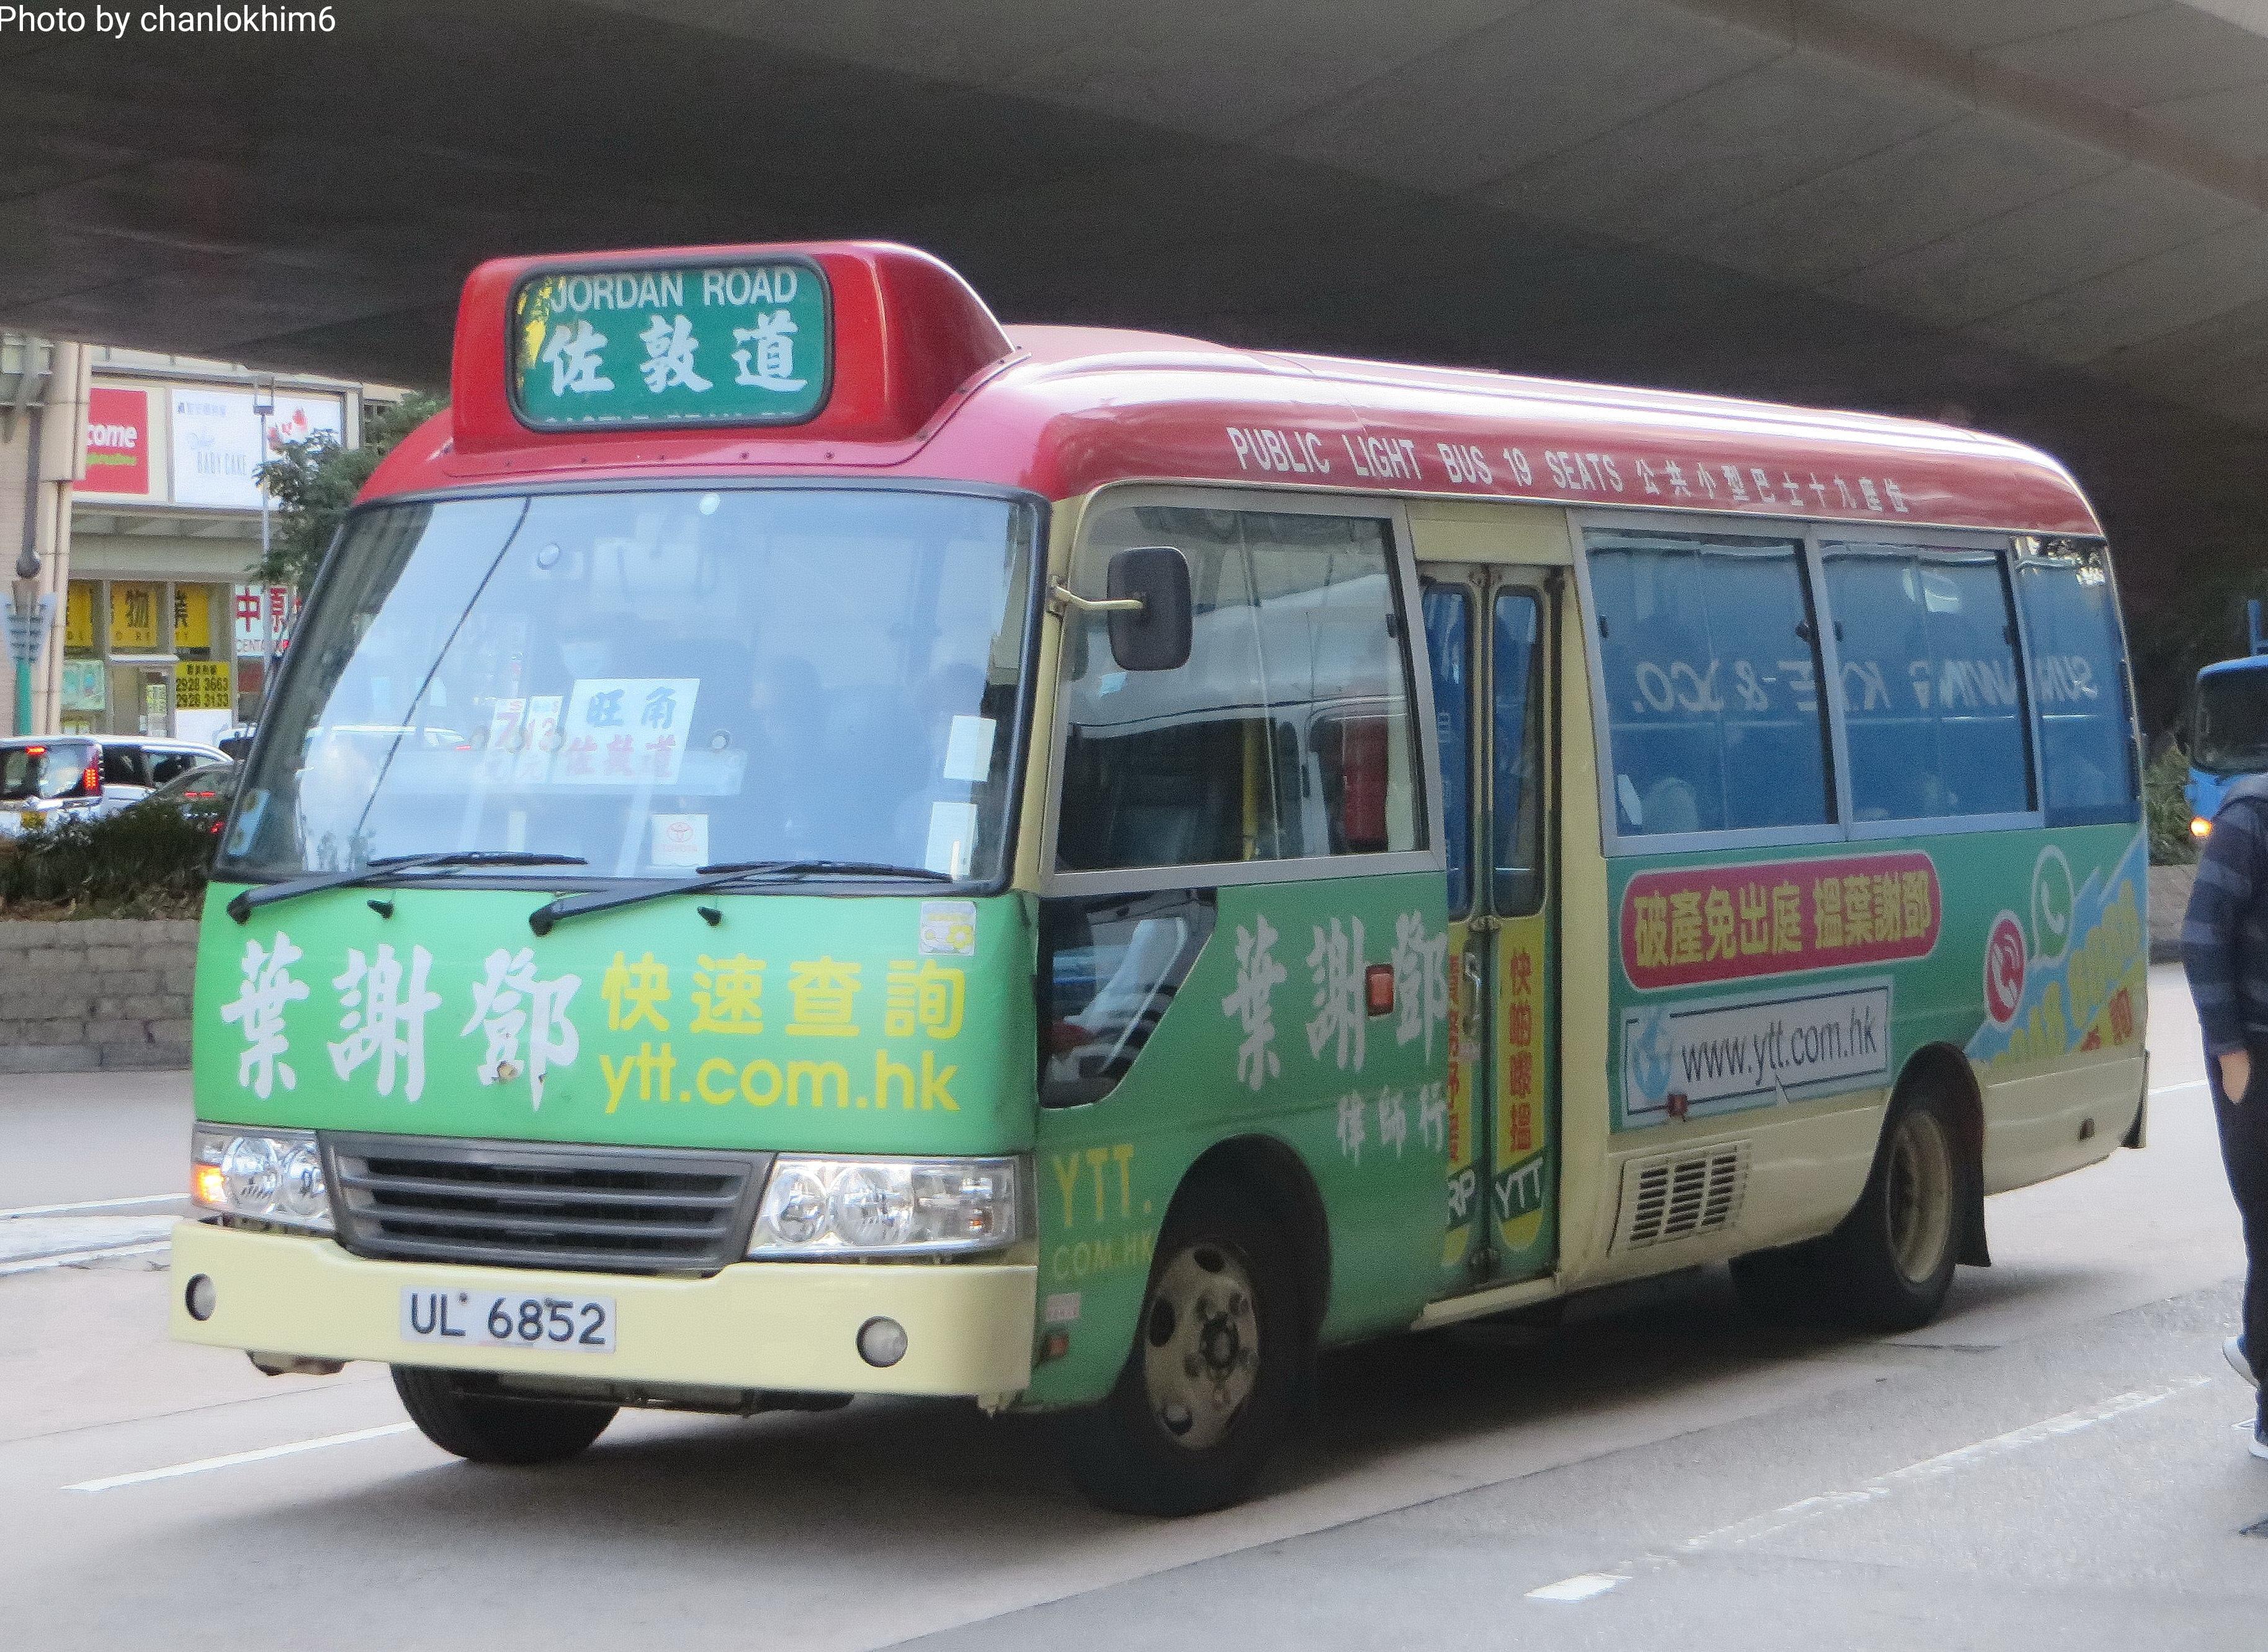 公共小巴旺角至荃灣線